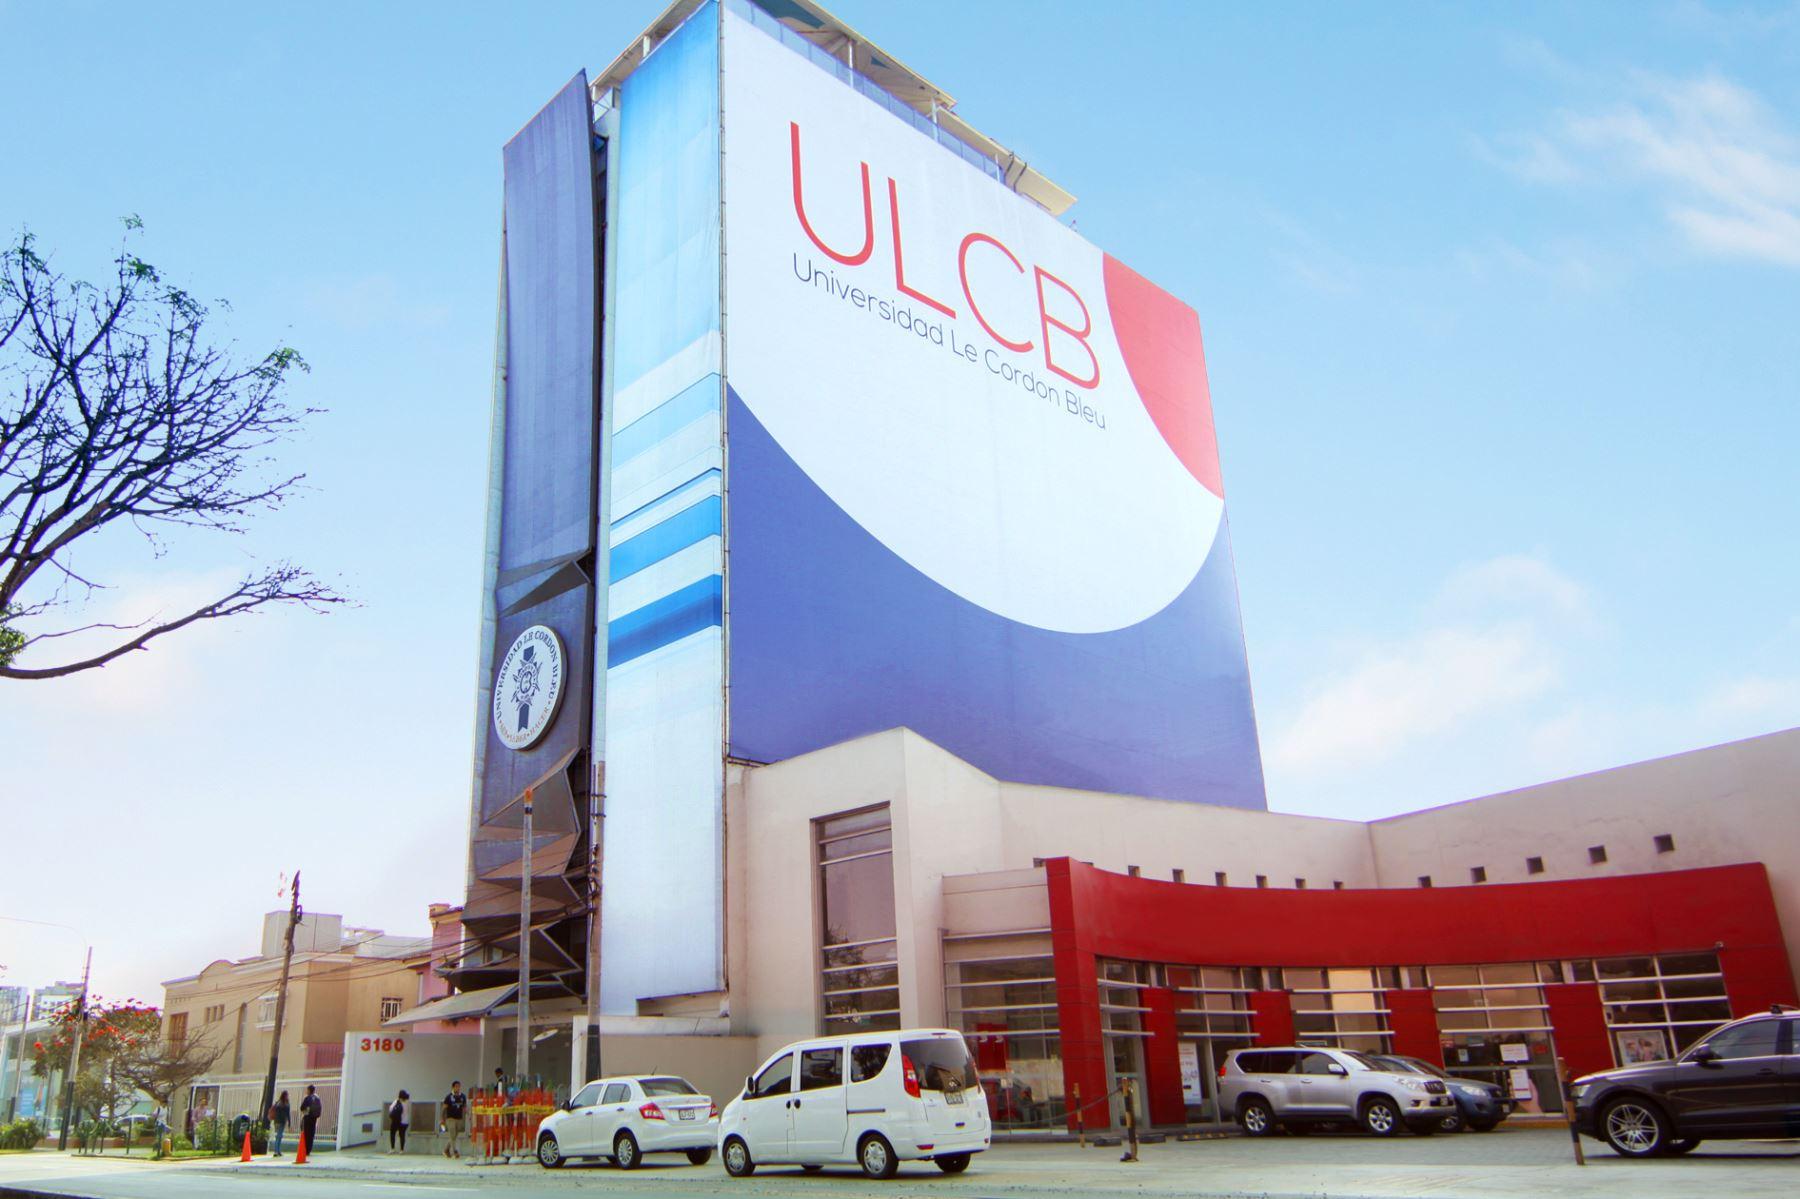 La Universidad Le Cordon Bleu está especializada en gastronomía, hospitalidad, dirección y gestión empresarial. Foto: Sunedu.